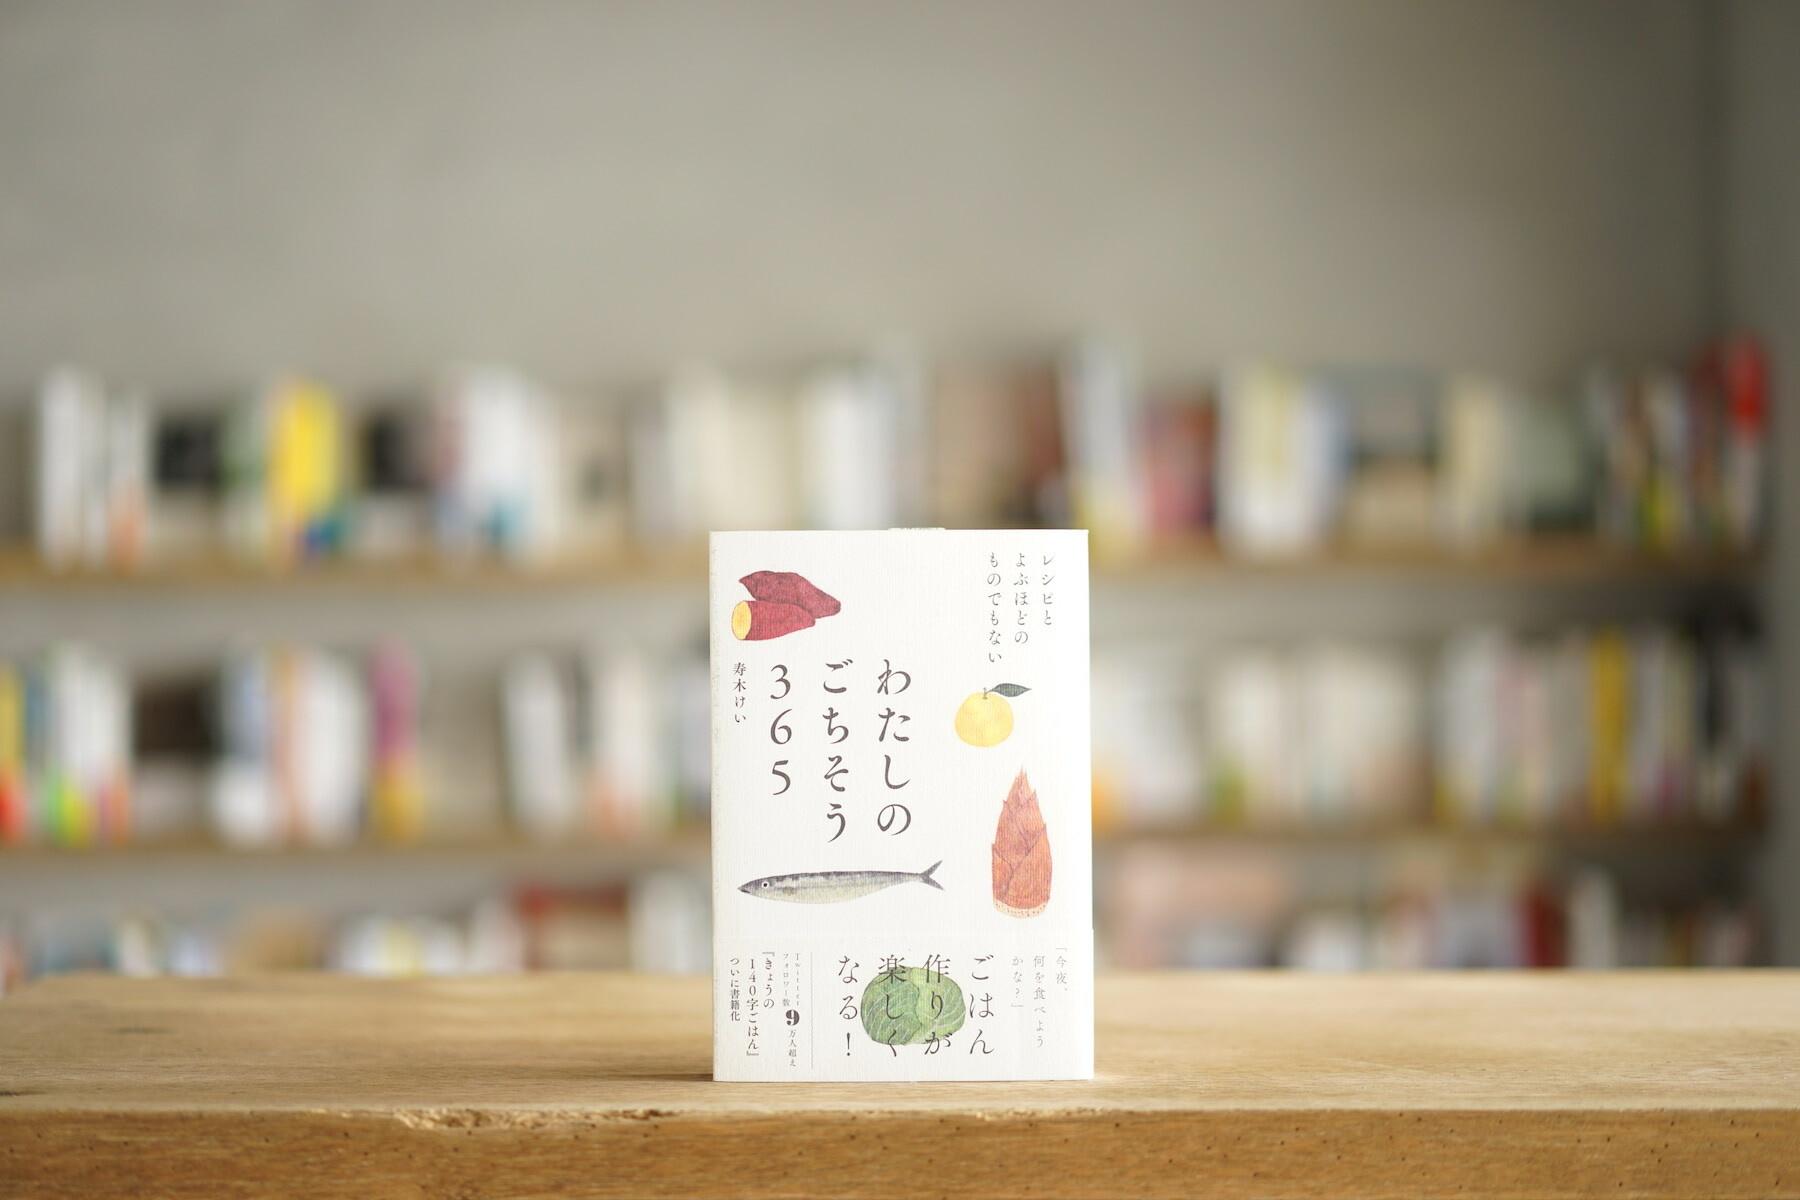 寿木けい 『レシピとよぶほどのものでもない わたしのごちそう365』 (セブン&アイ出版、2017)